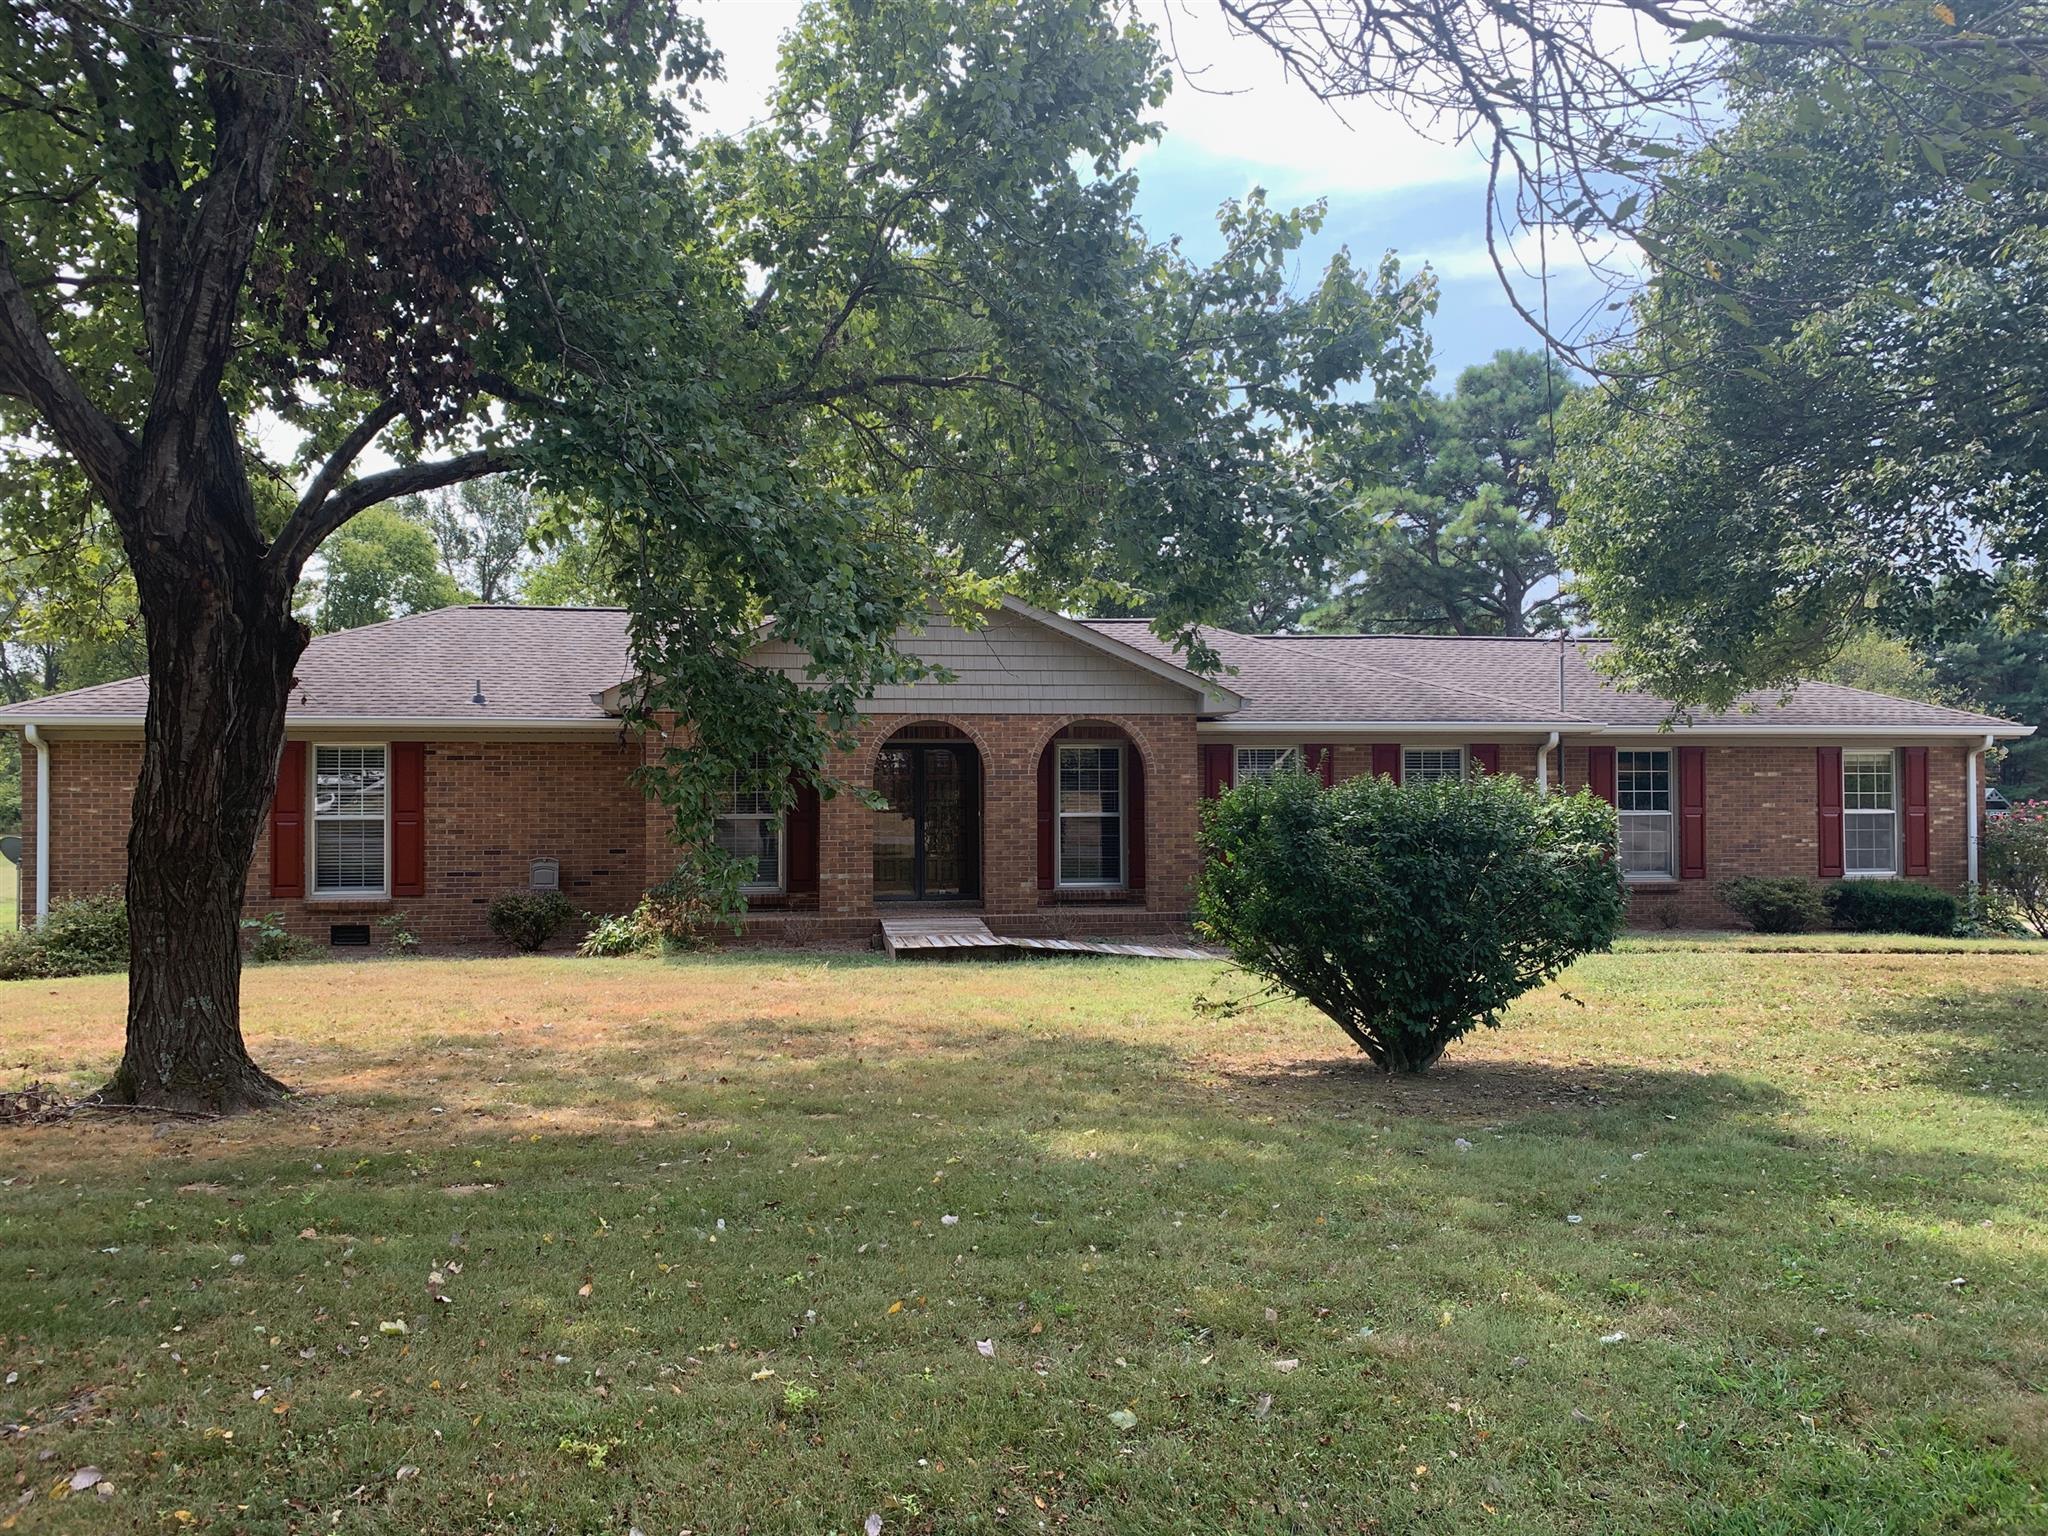 7605 Indian Springs Dr, Nashville, TN 37221 - Nashville, TN real estate listing